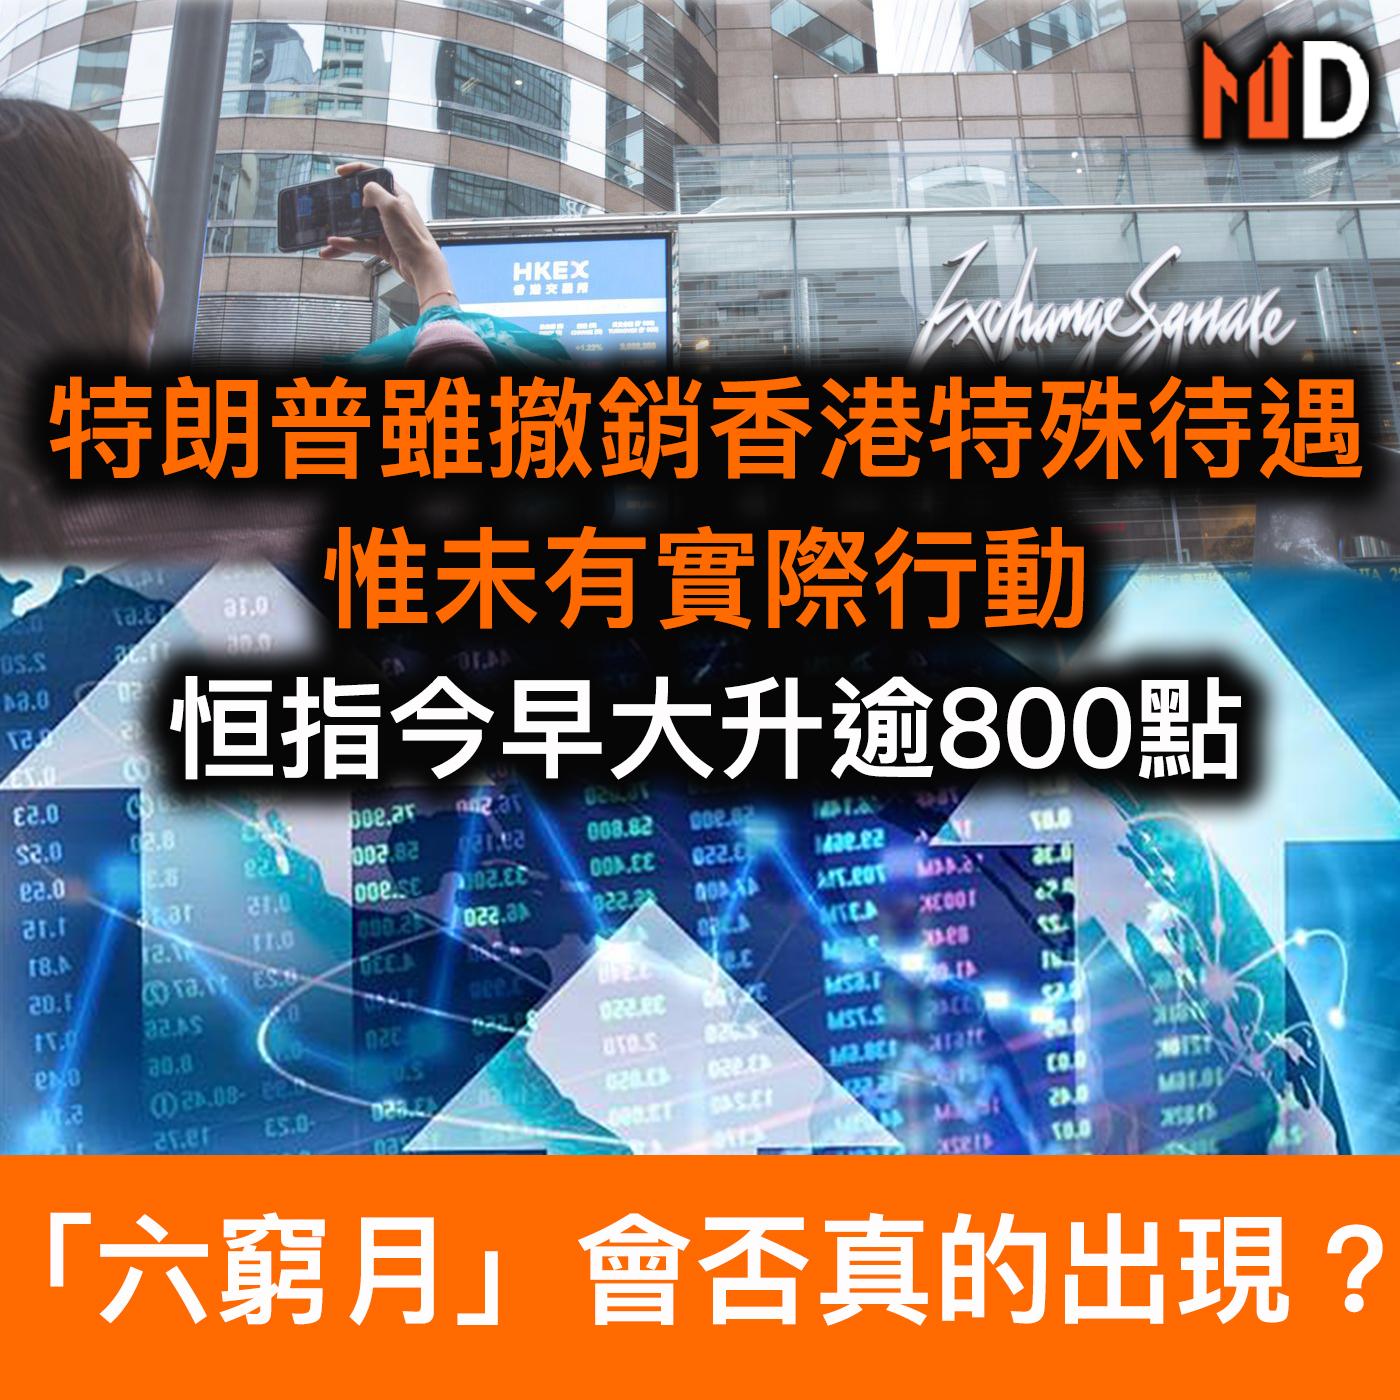 【市場熱話】特朗普未有撤銷香港特殊待遇實際措施,恒指今早大升逾800點